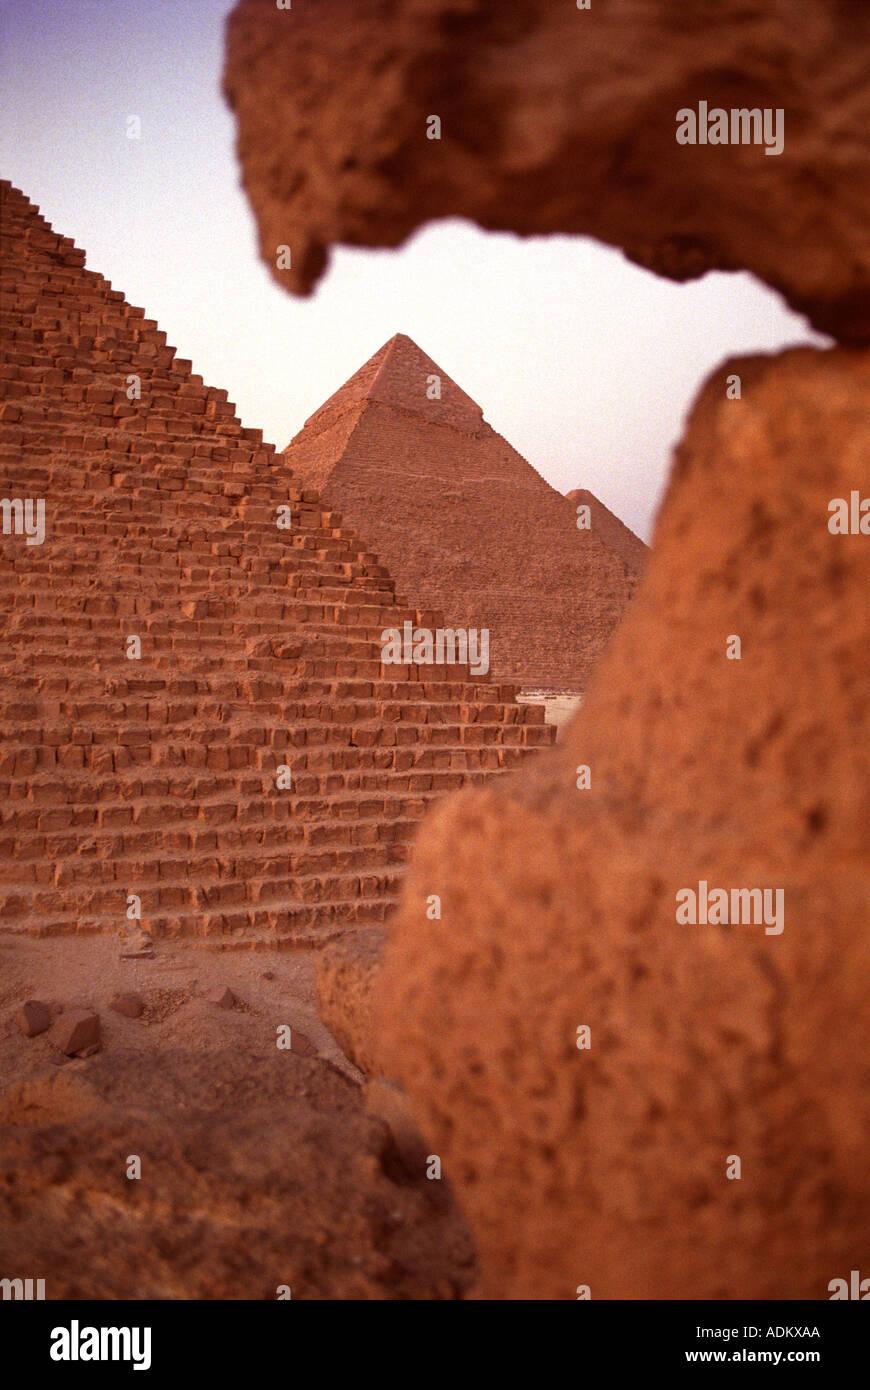 Le piramidi di Giza vicino al Cairo in Egitto Immagini Stock